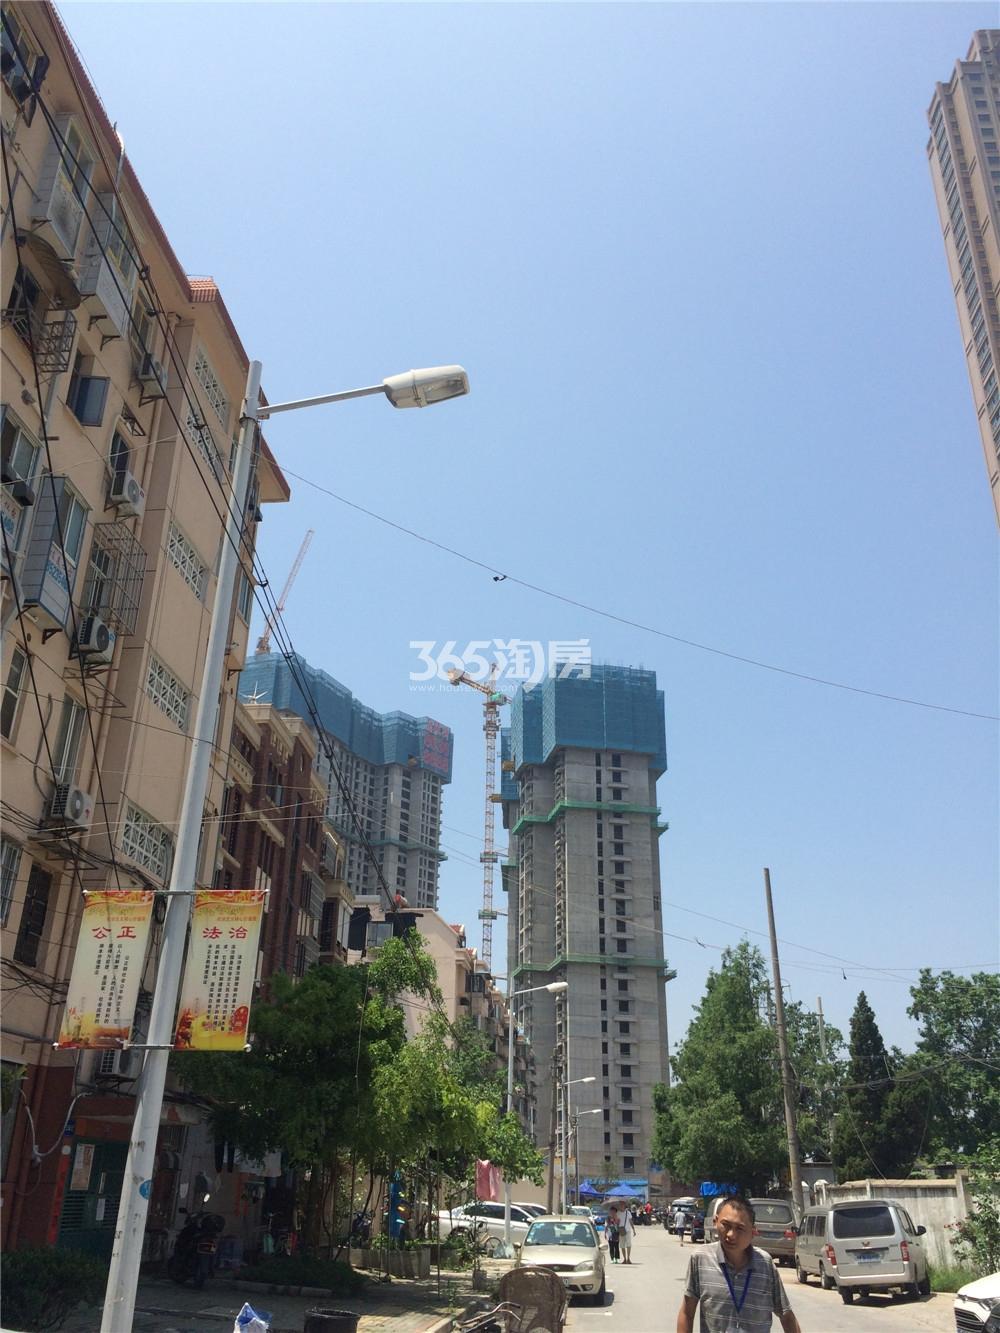 恒盛金陵湾3号楼建至20多层(7.21)